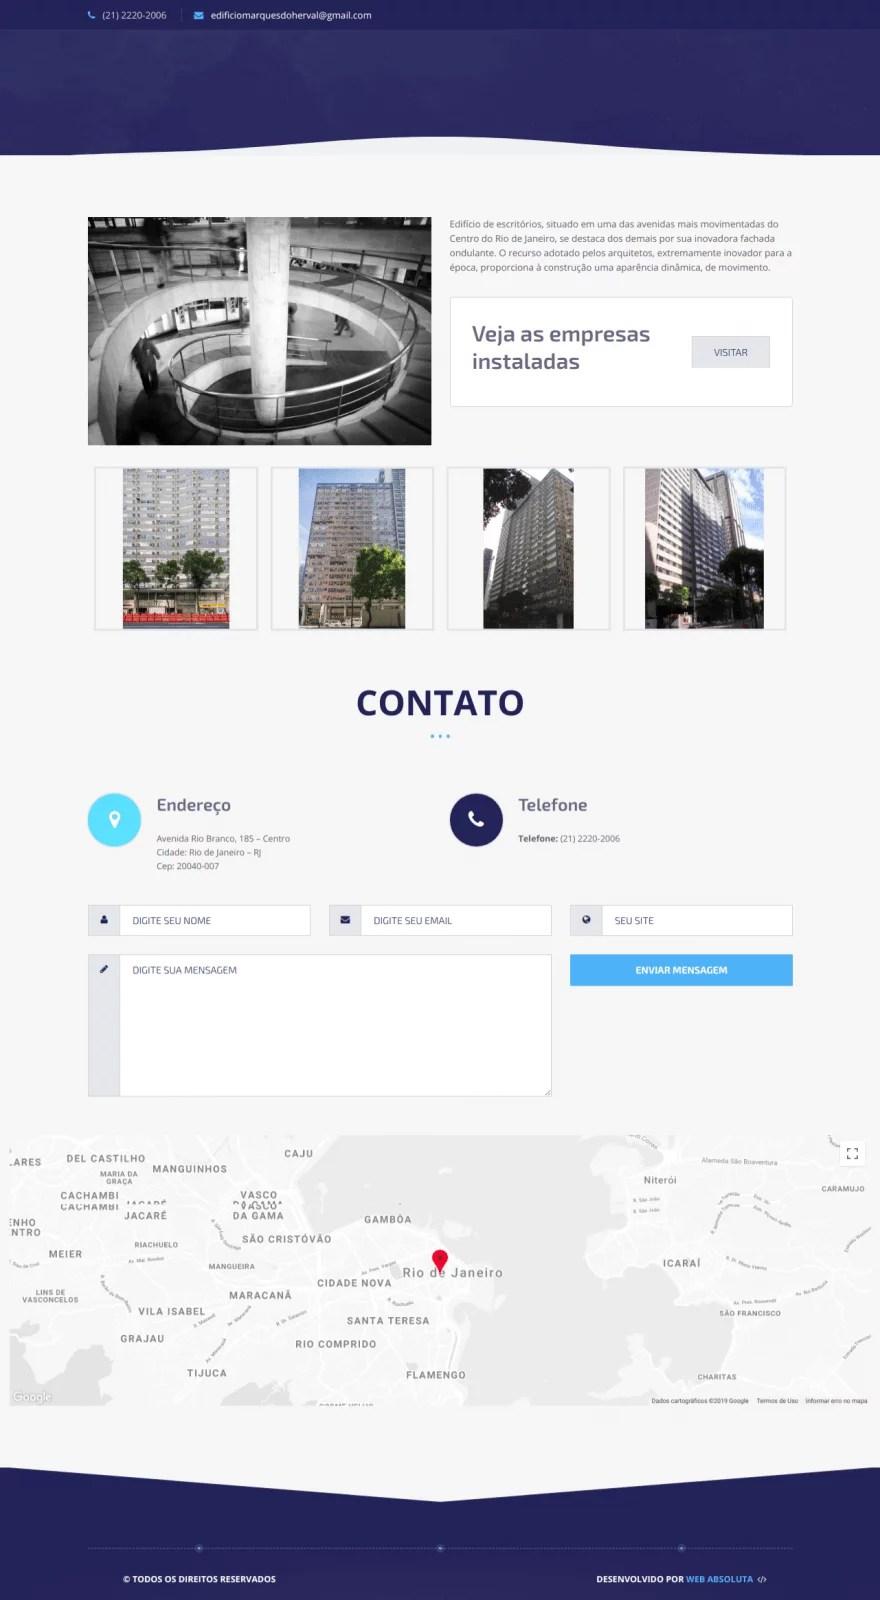 site-condominio-predial-marques-hevarl-rio-home2